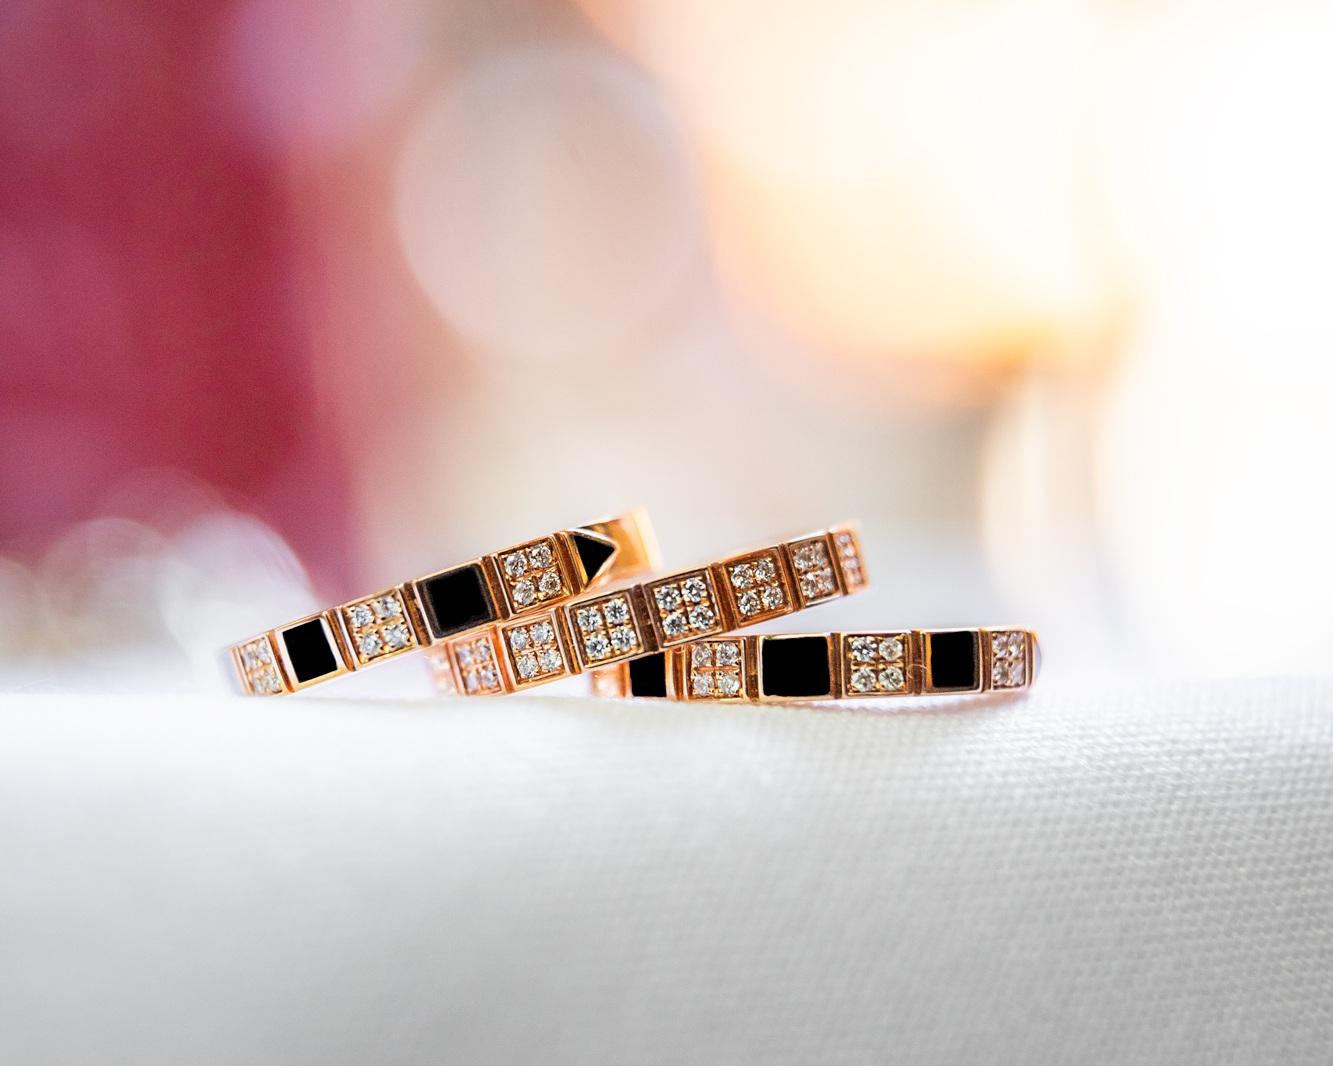 A propos de la collection - La collection RANA KB est conçue à Montréal par Rana elle-même et est produite en Italie afin d'assurer la qualité des pièces et leur intégrité par rapport à son design. Rana a constamment de nouvelles idées pour sa collection, laquelle est disponible en exclusivité au Château D'Ivoire de Montréal.